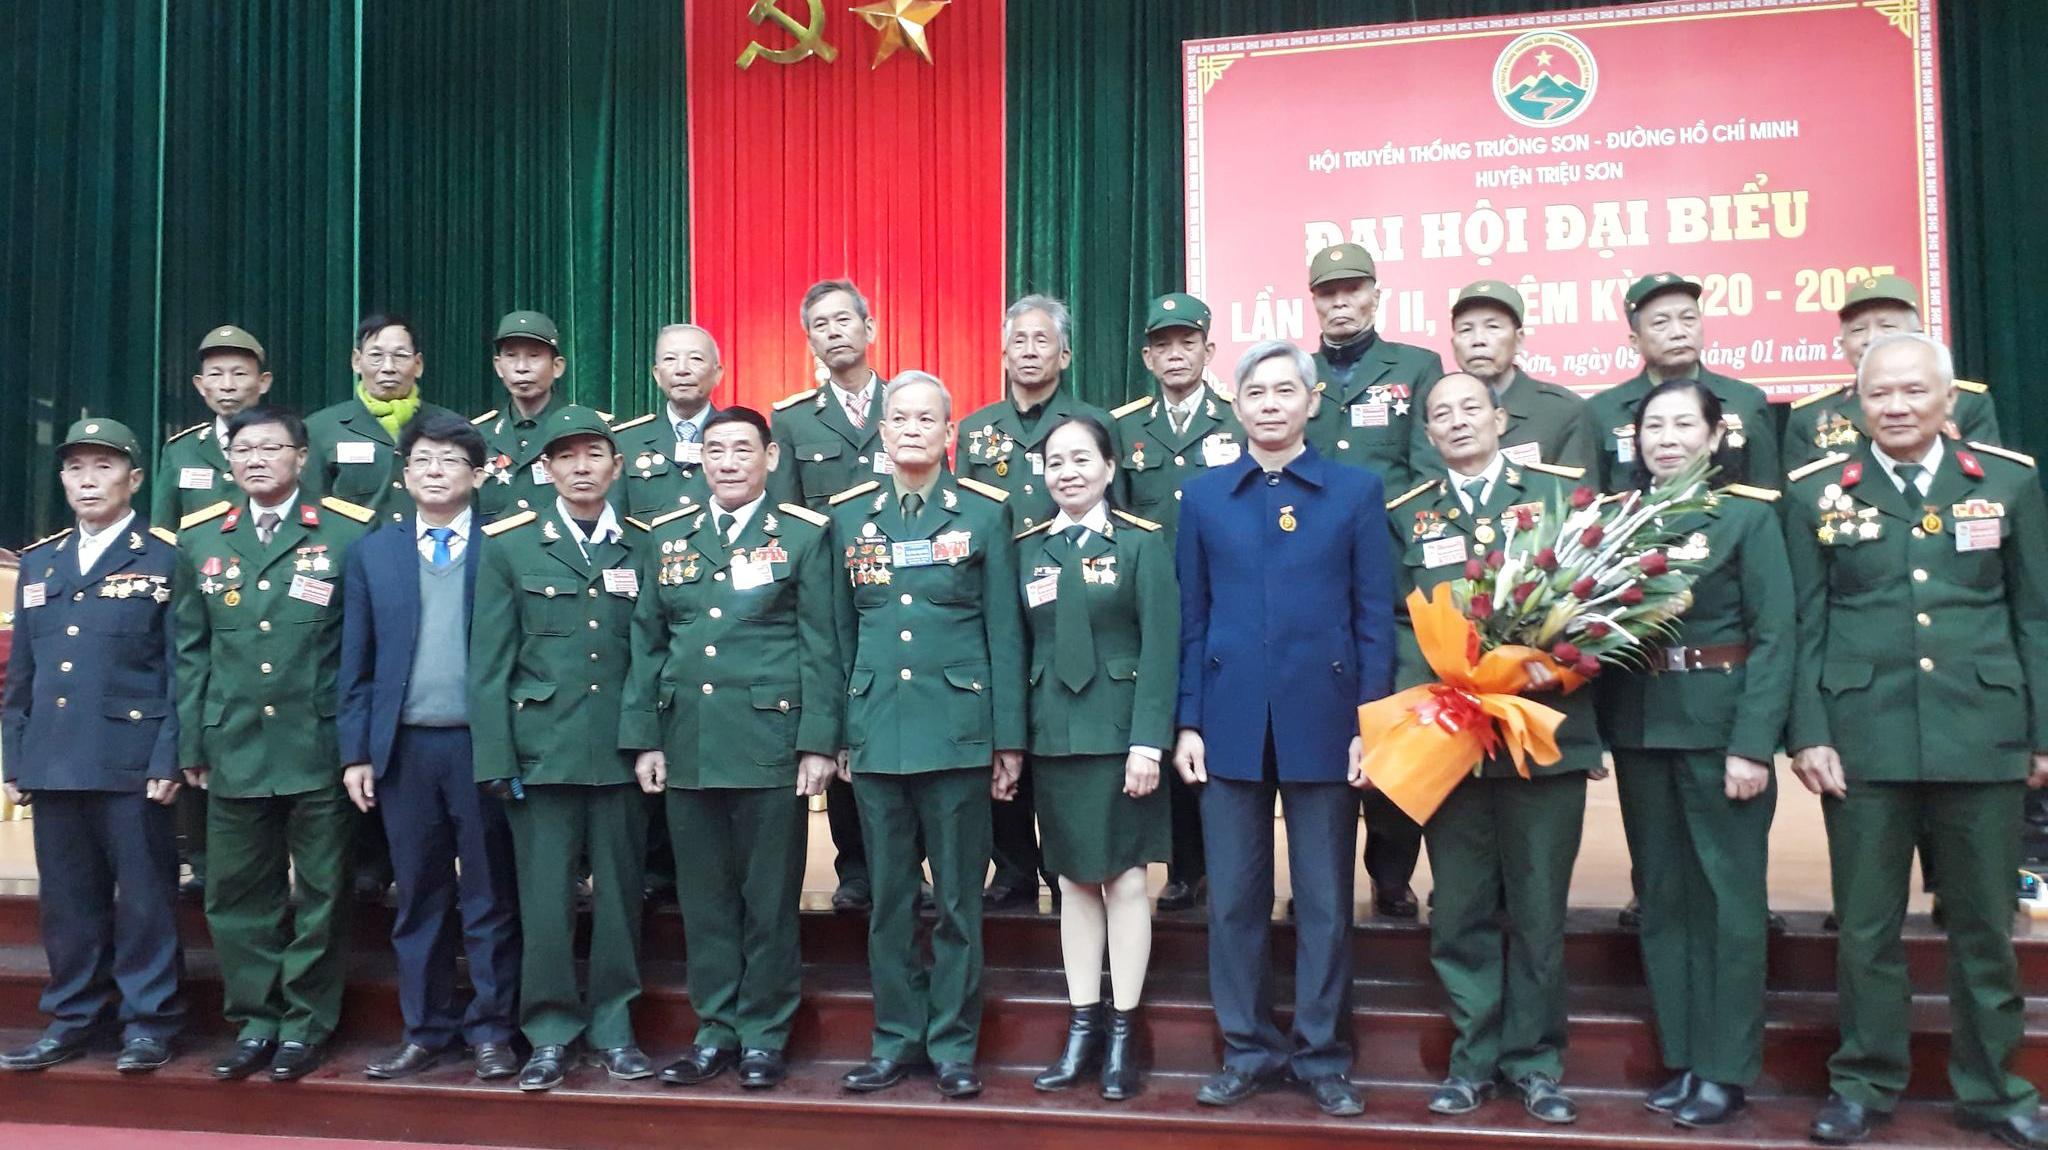 Đại hội nhiệm kỳ 2 Hội Trường Sơn huyện Triệu Sơn - Thanh Hóa